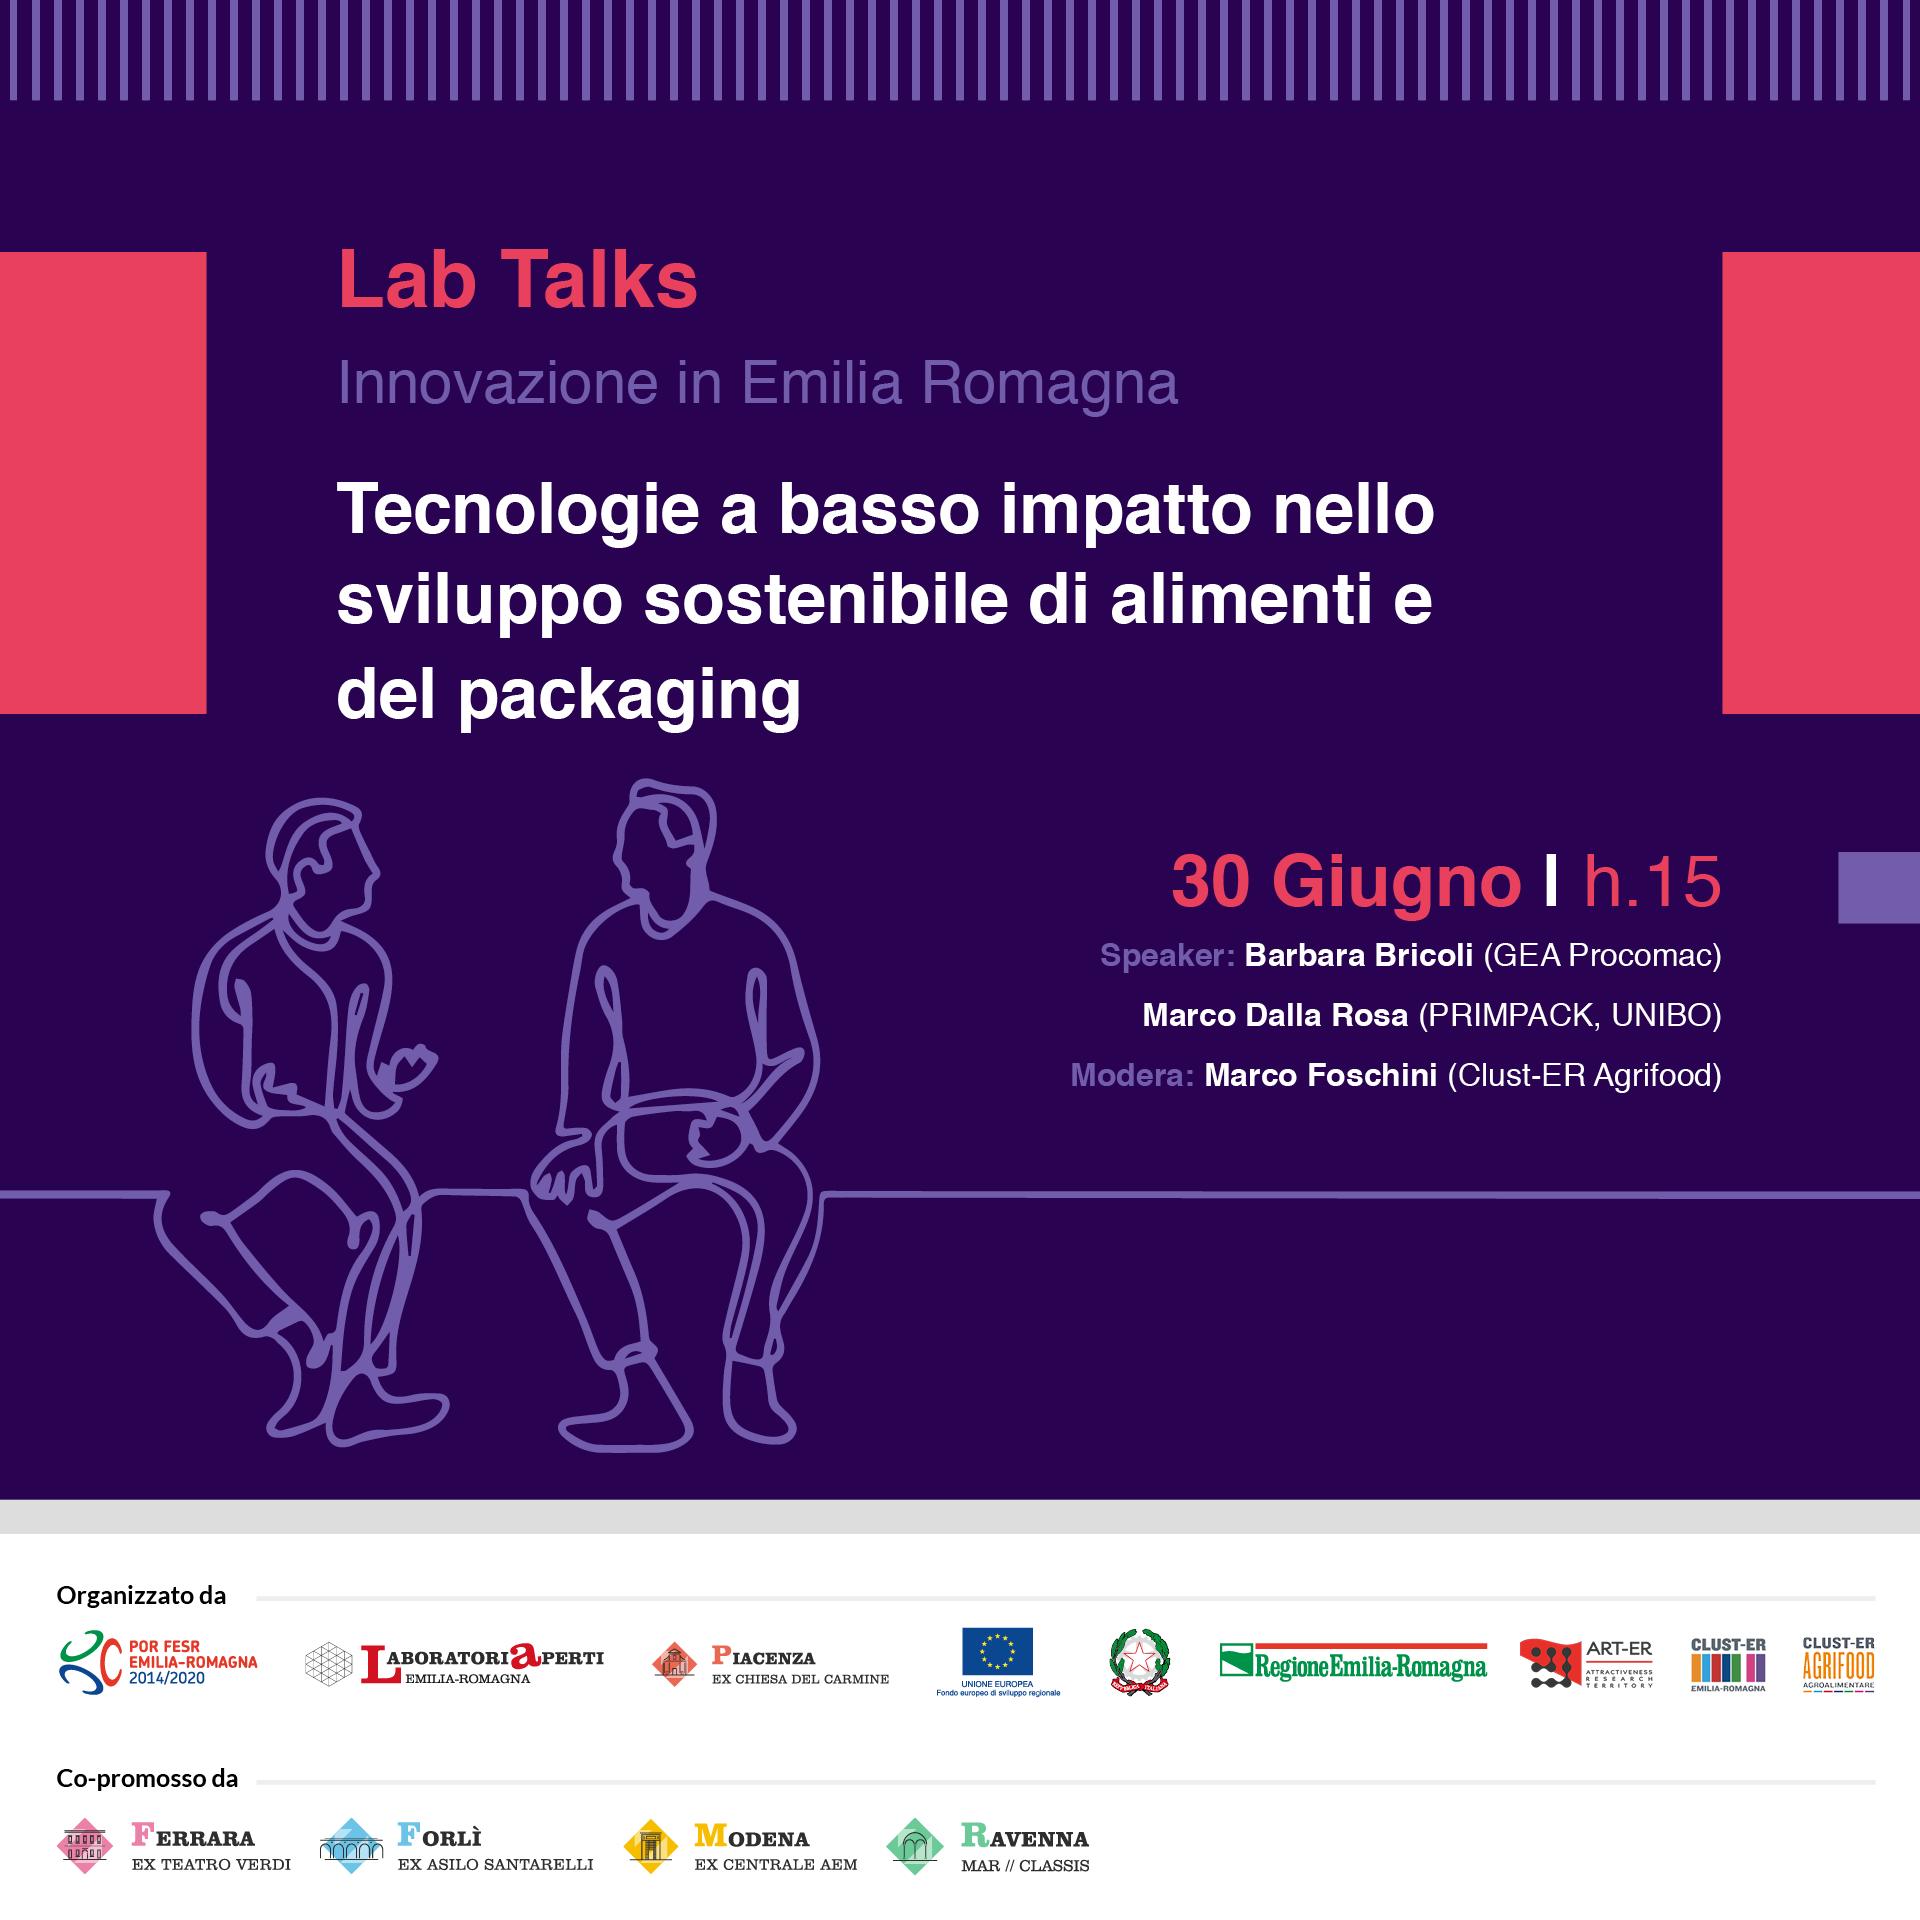 30 GIUGNO – Tecnologie a basso impatto nello sviluppo sostenibile di alimenti e del packaging – LAB TALK INNOVAZIONE IN EMILIA-ROMAGNA